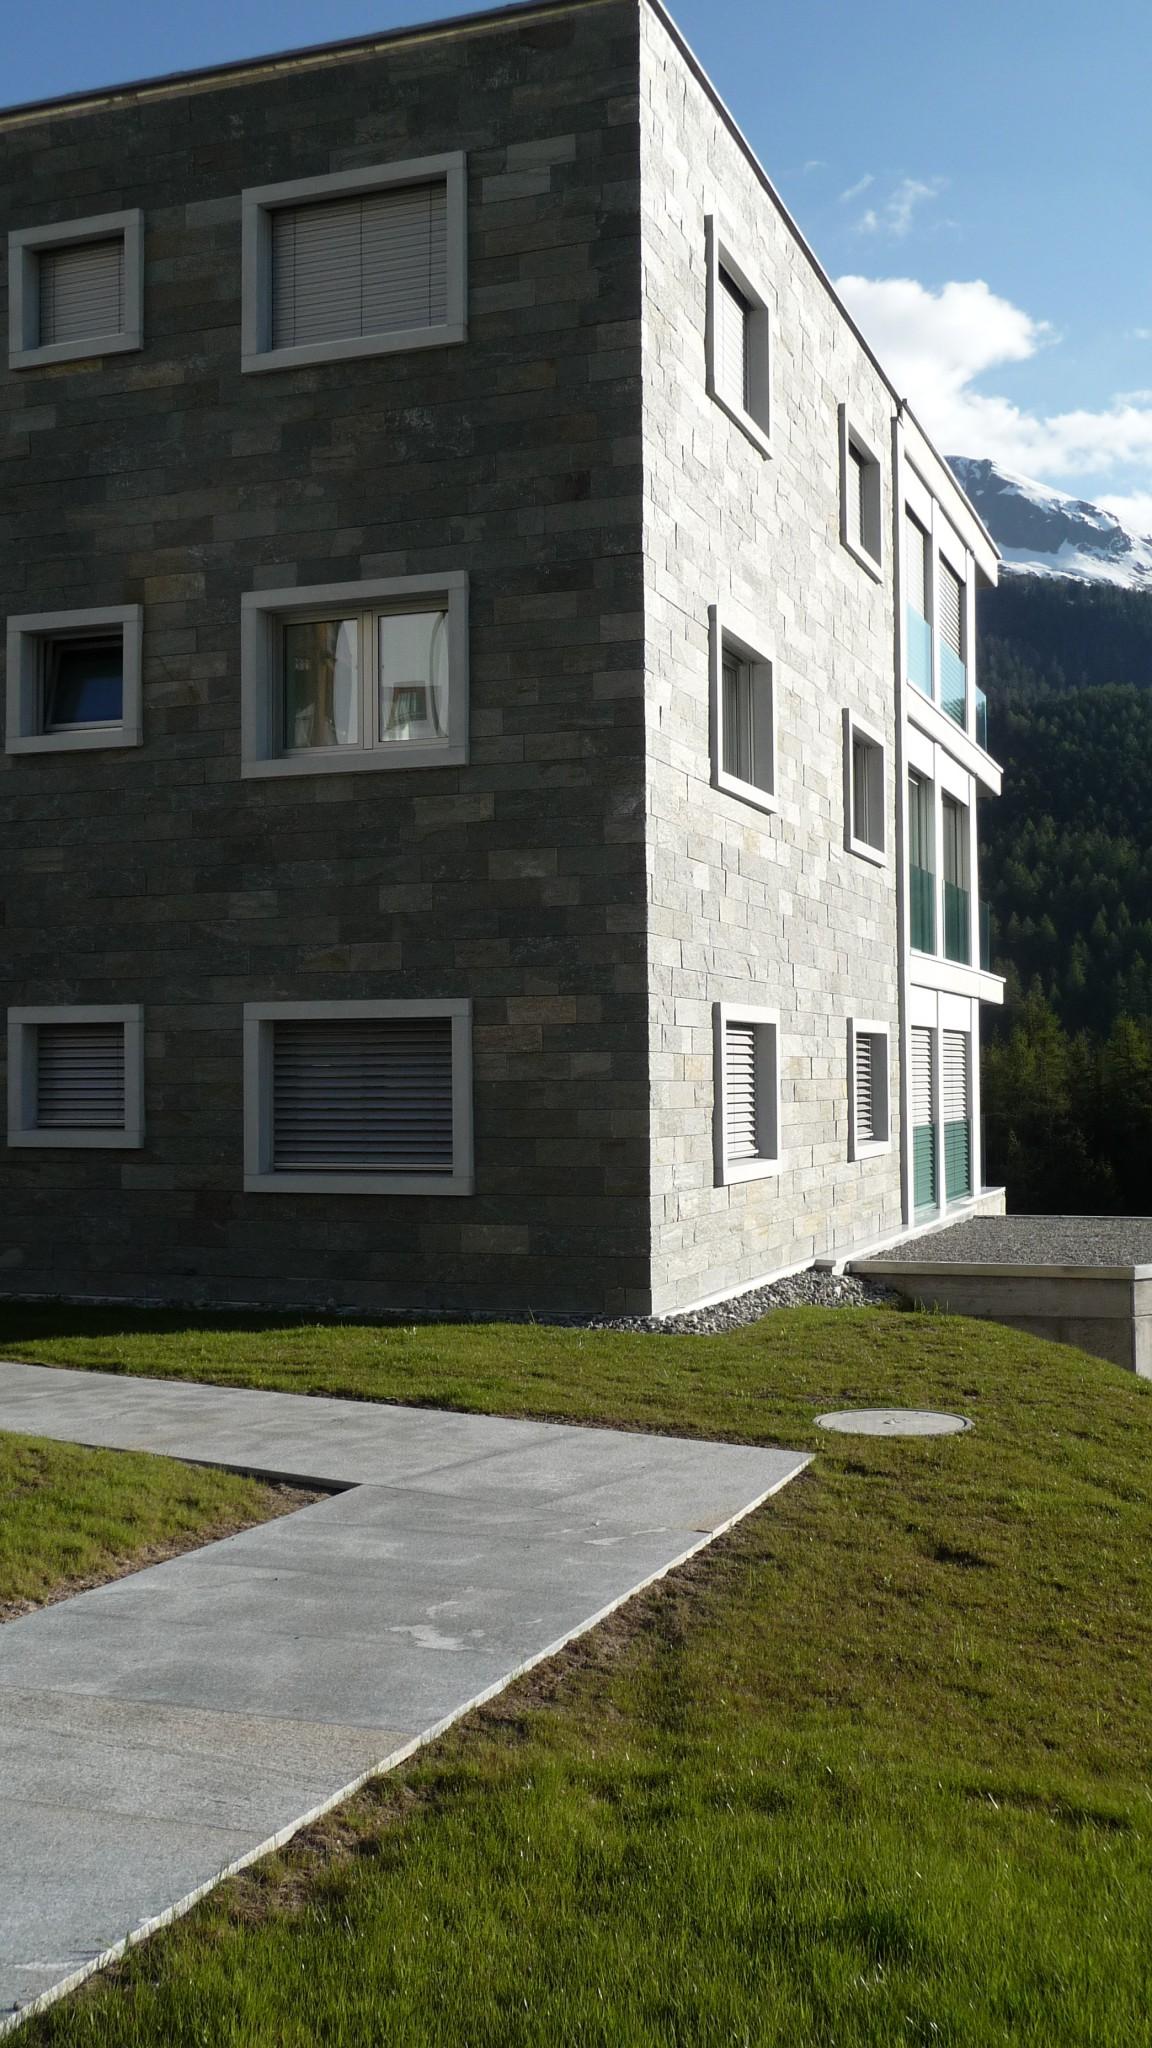 palazzi in marmo della Valmalenco